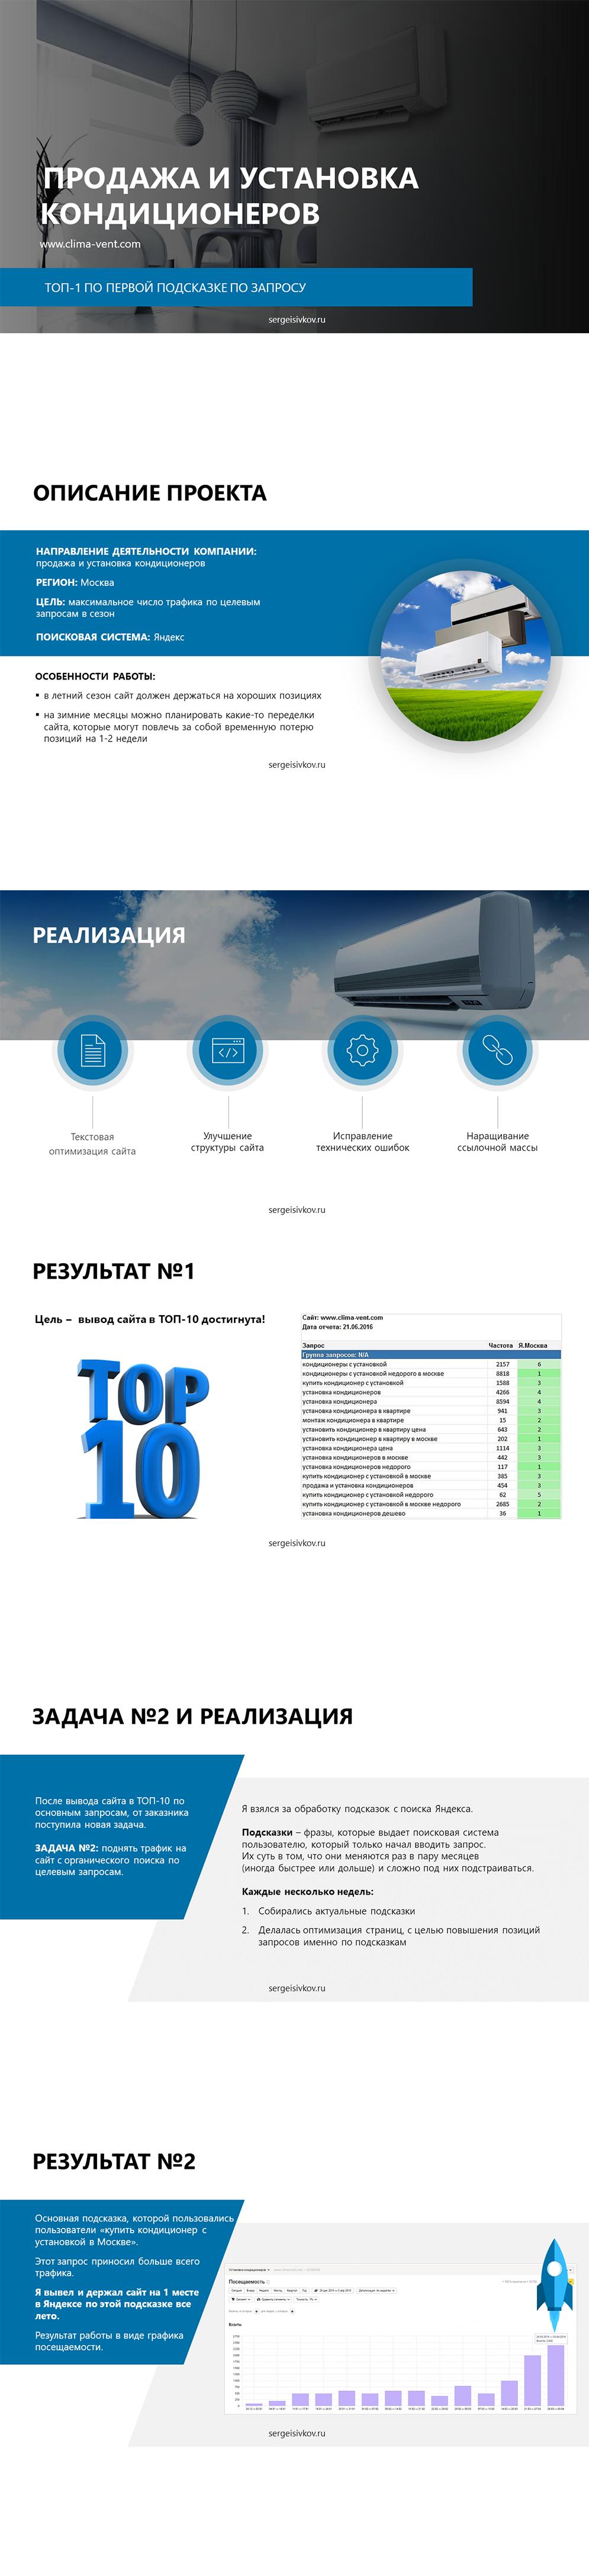 Кейс - ТОП-1 по первой подсказке по запросу «установка кондиционеров» в Яндексе по Москве